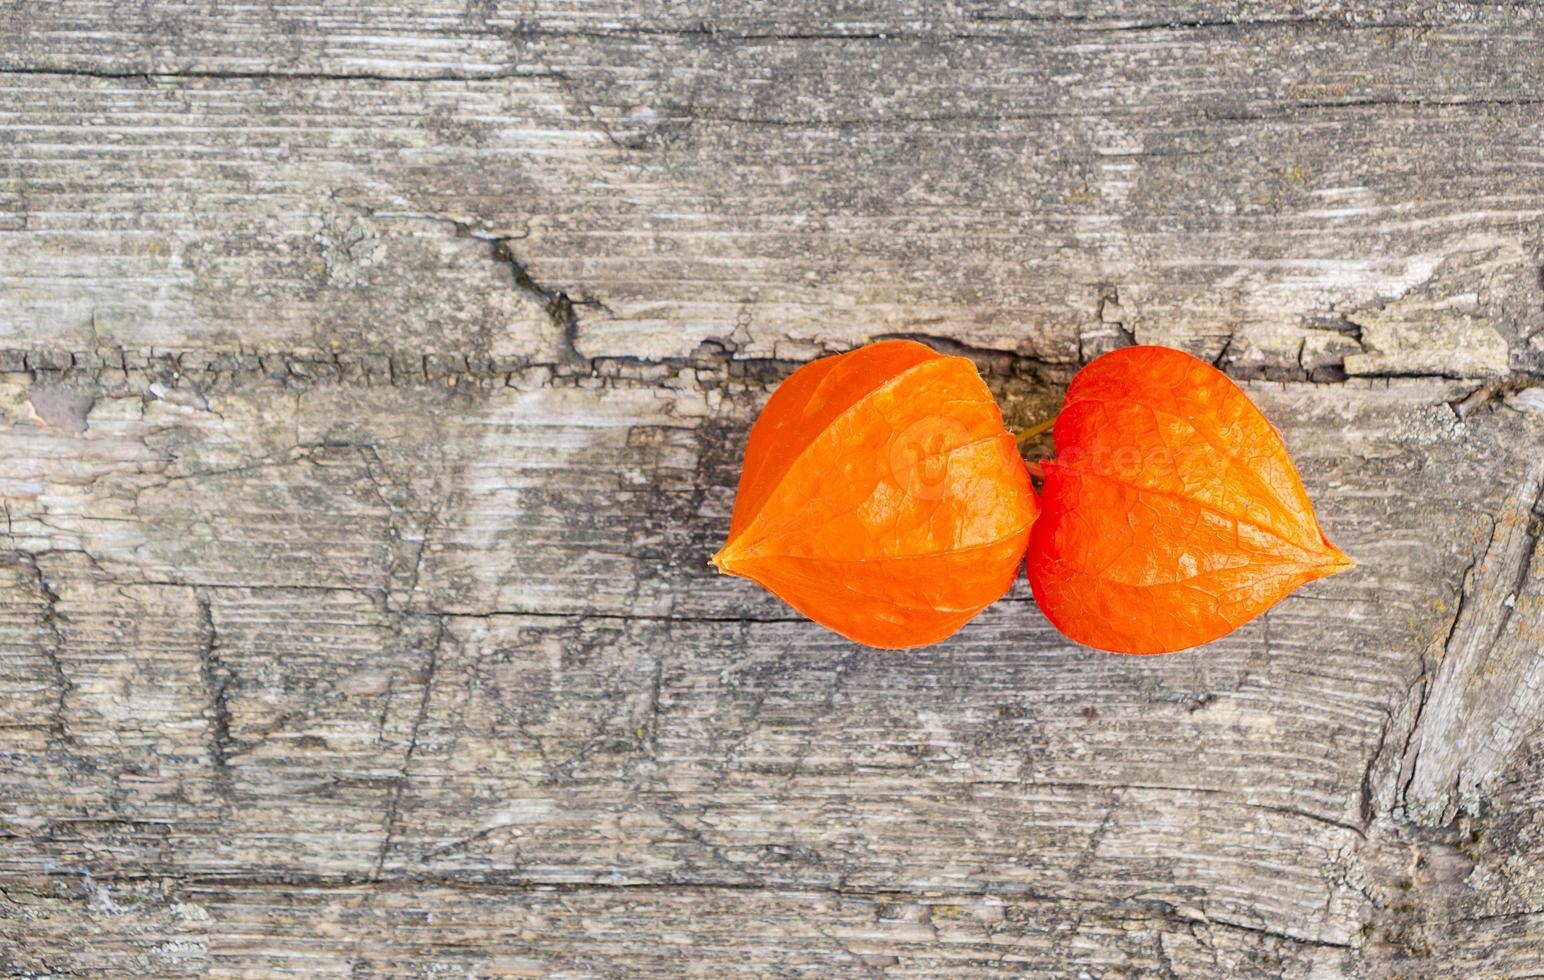 arancio ciliegia invernale foto